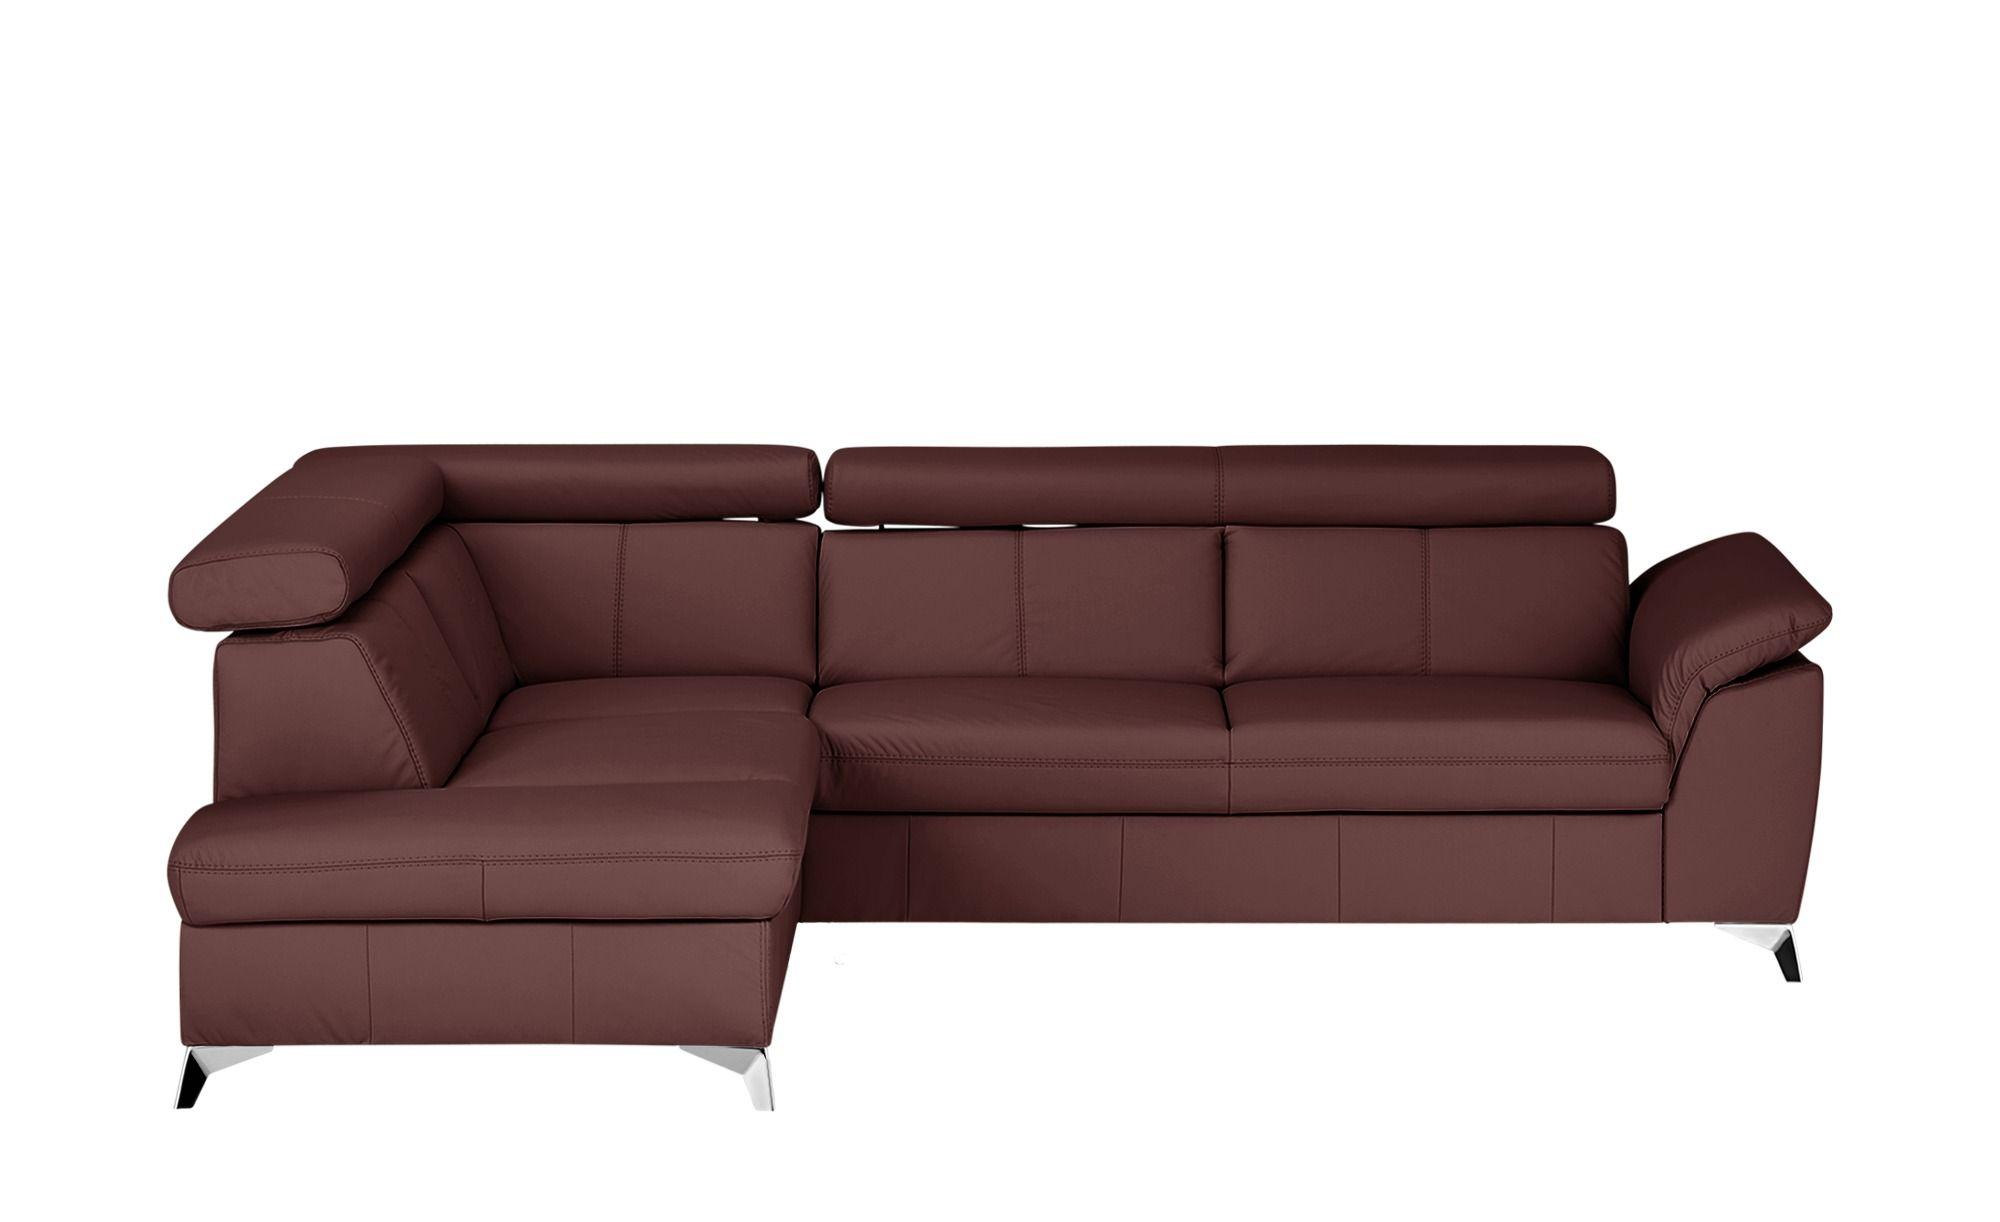 Uno Ecksofa More Ecksofa Sofa Sofa Leder